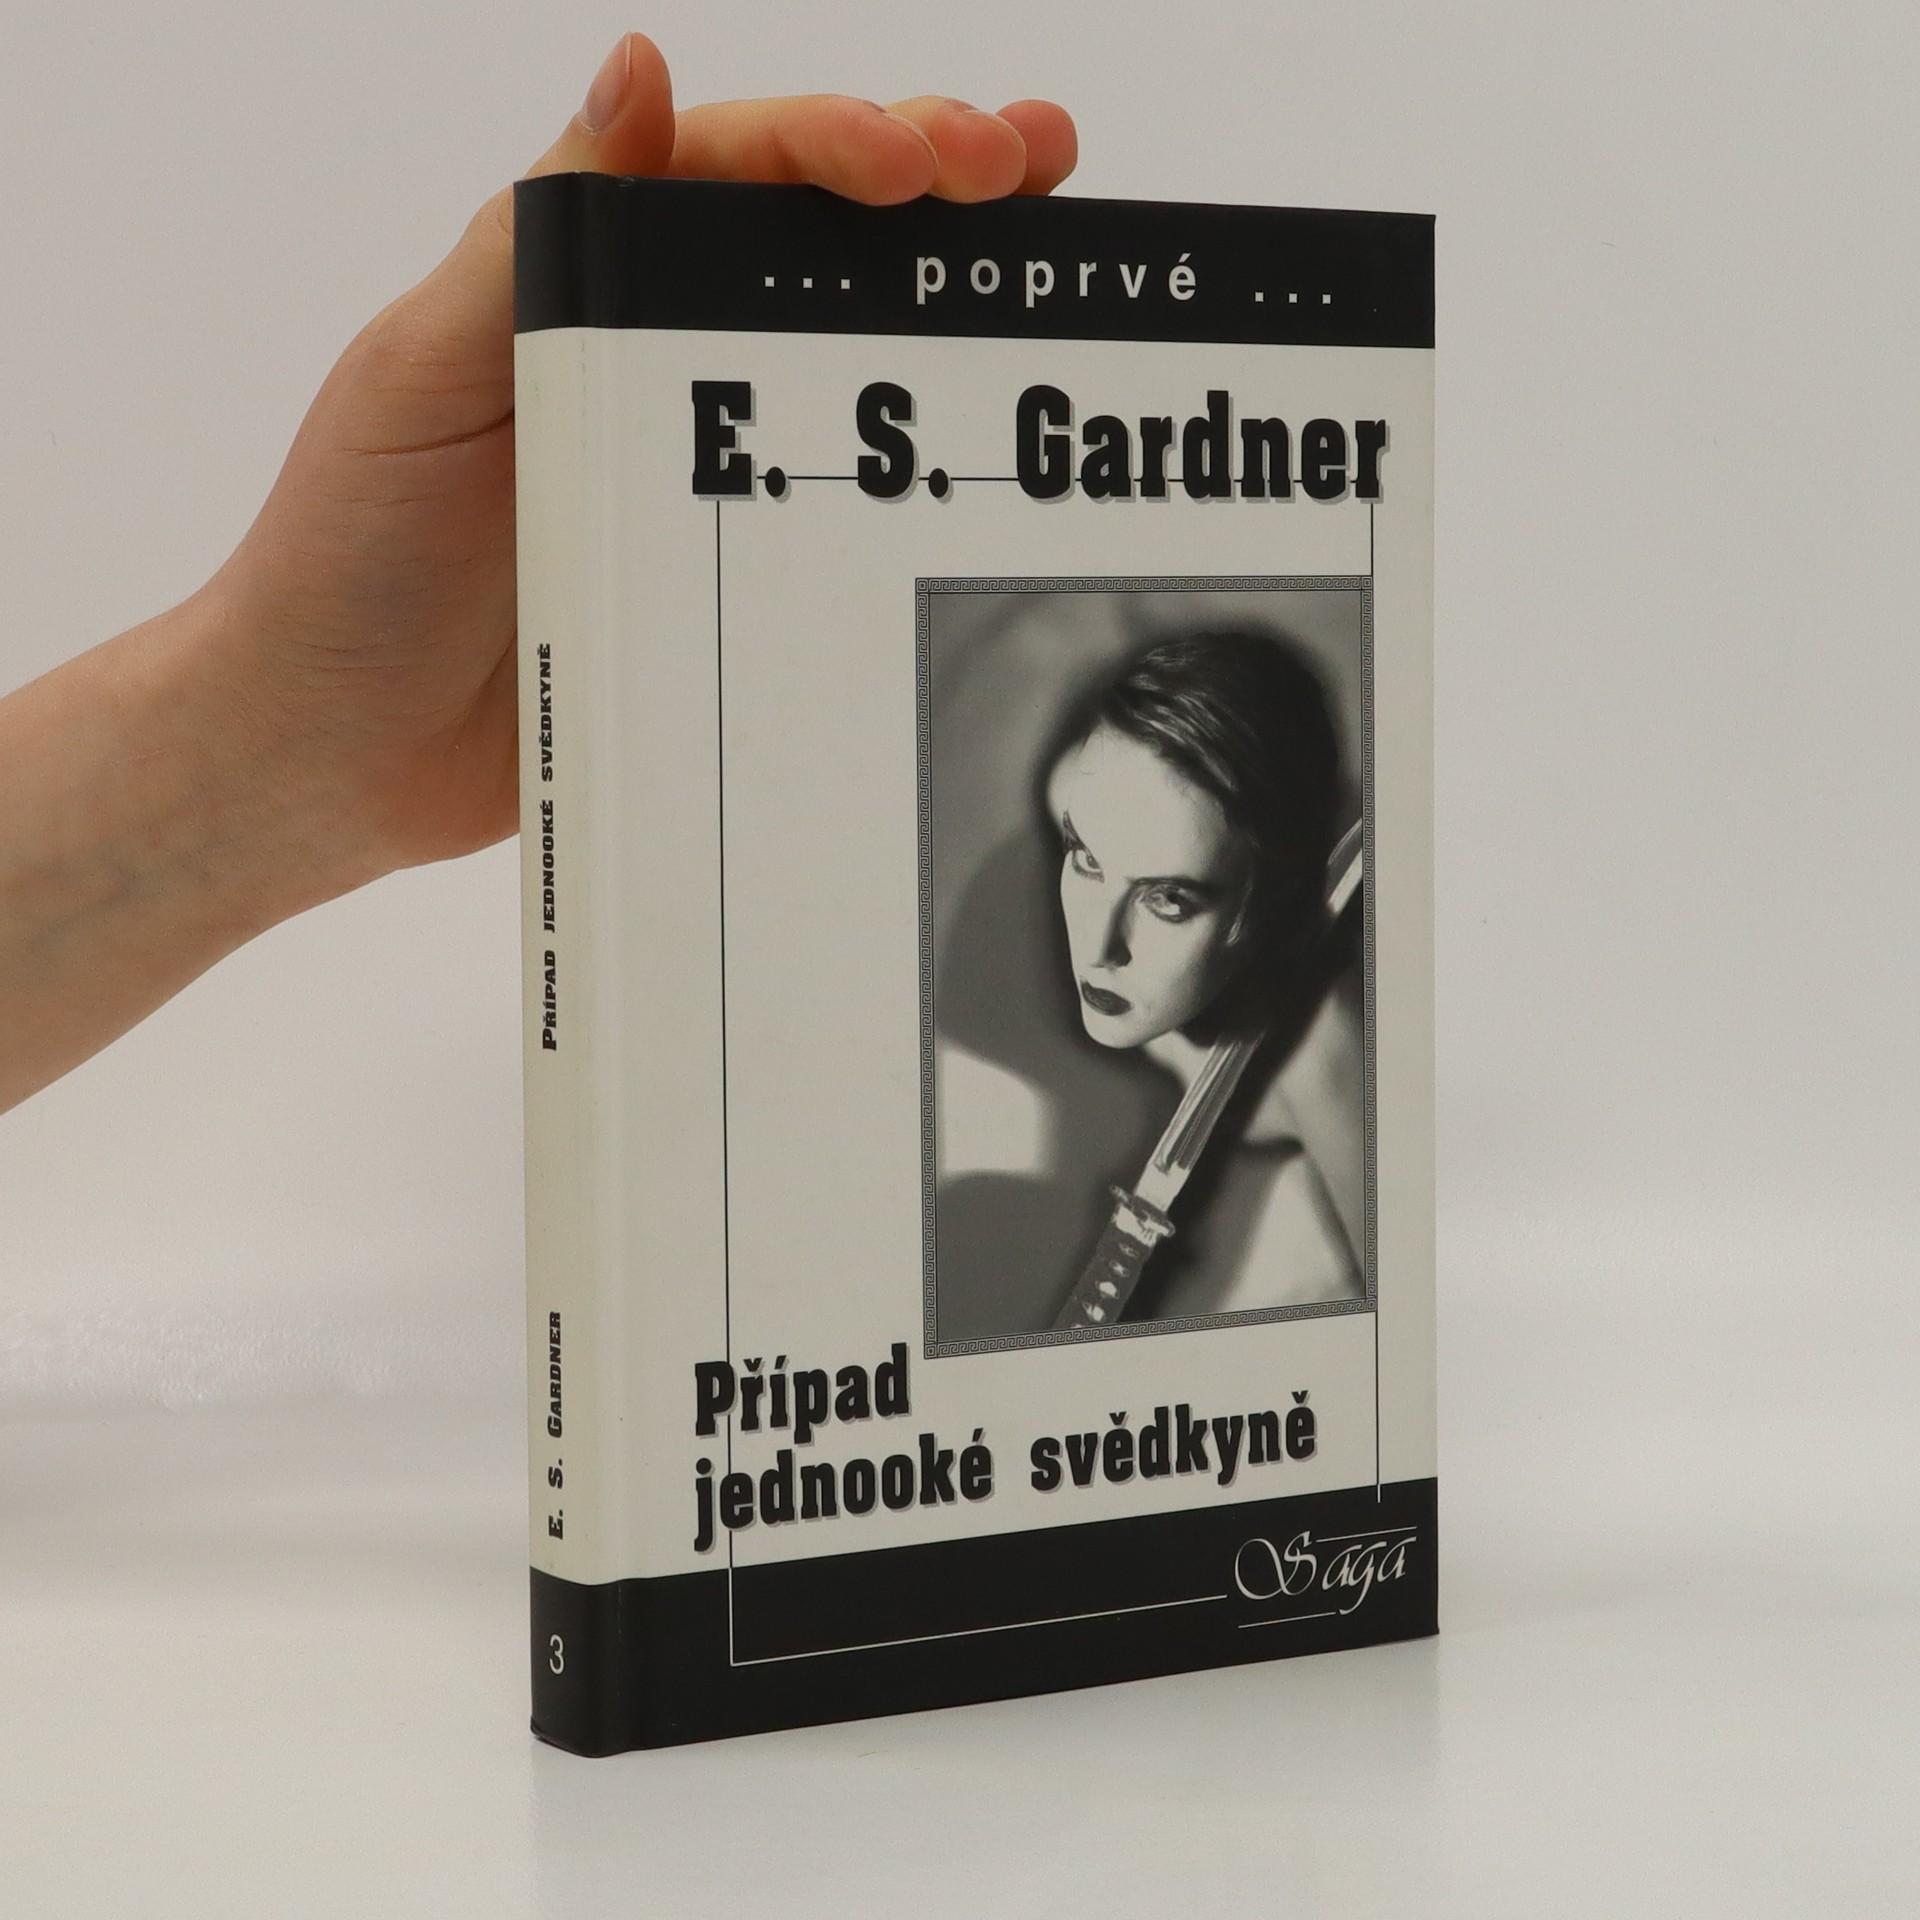 antikvární kniha Případ jednooké svědkyně, 1997